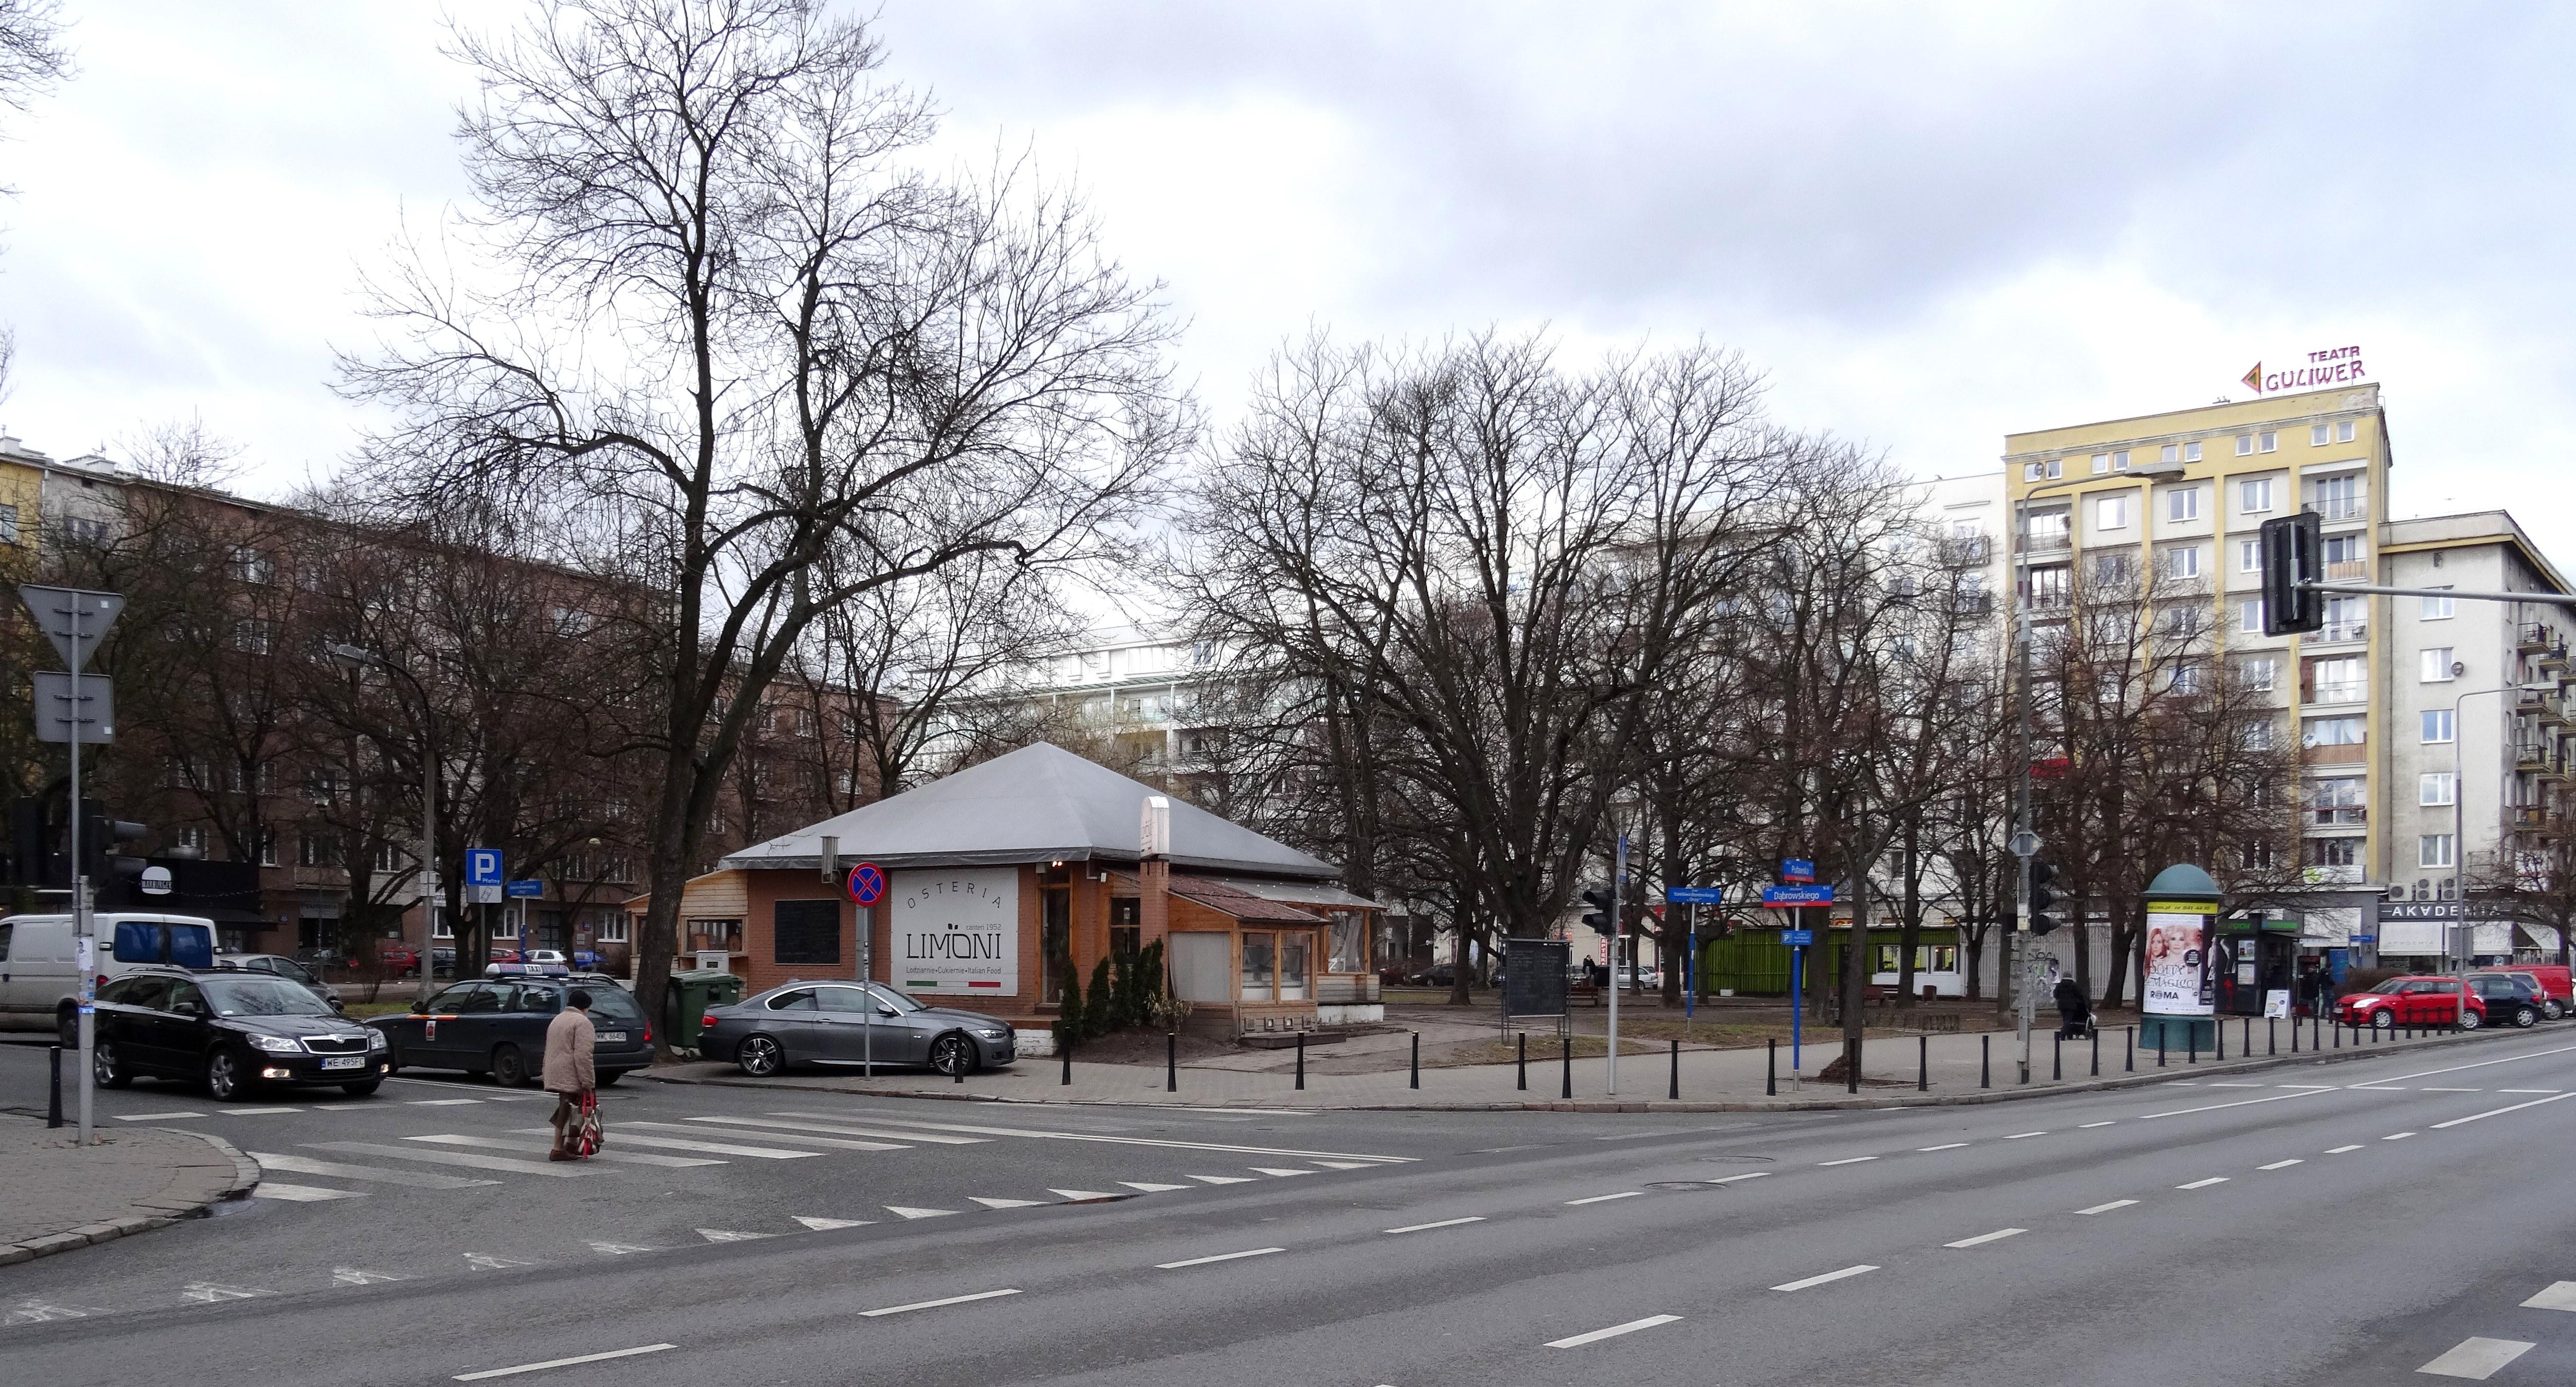 Skwer Stanisława Broniewskiego Orszy